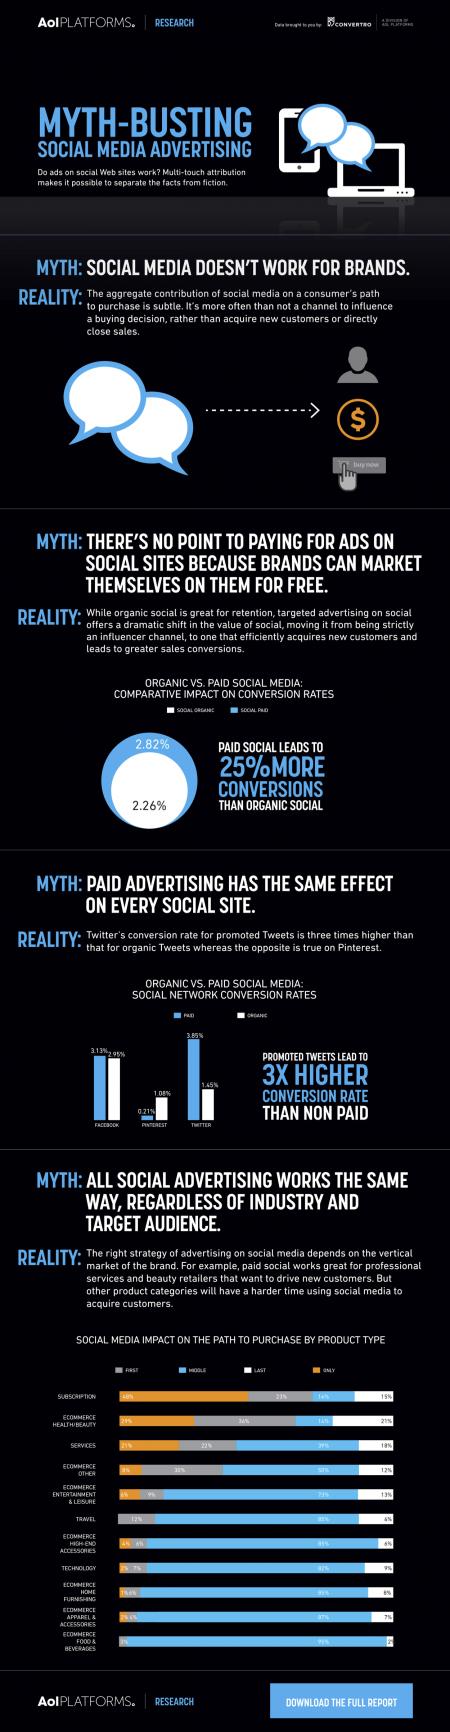 Cuatro mitos de la publicidad en redes sociales. Infografía